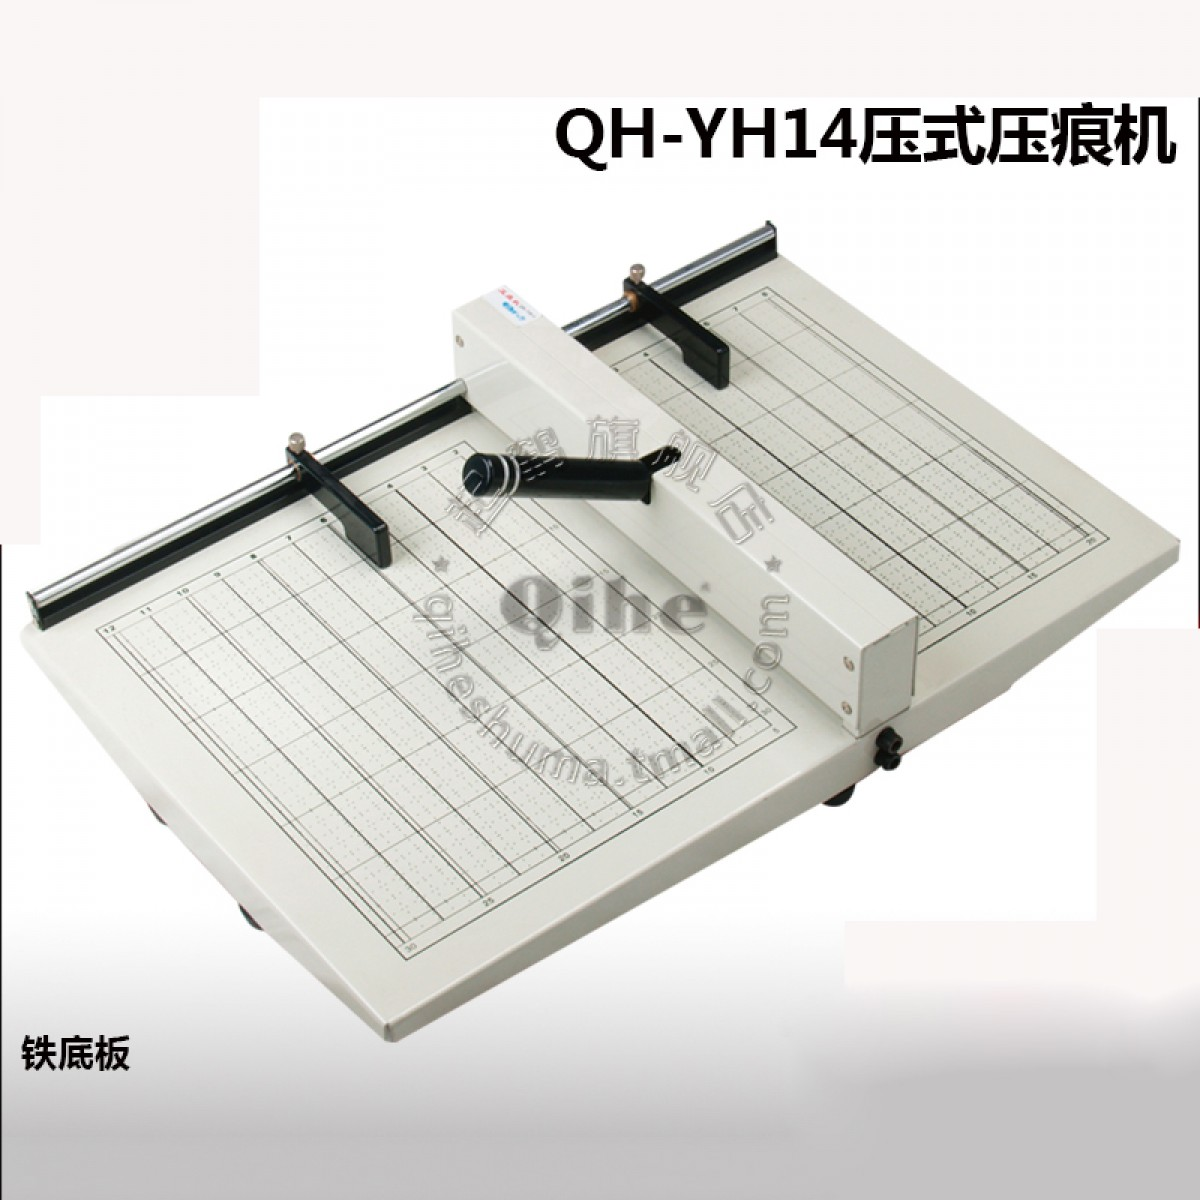 Qihe起鹤牌QH-YH14压痕机 铁底板折痕机